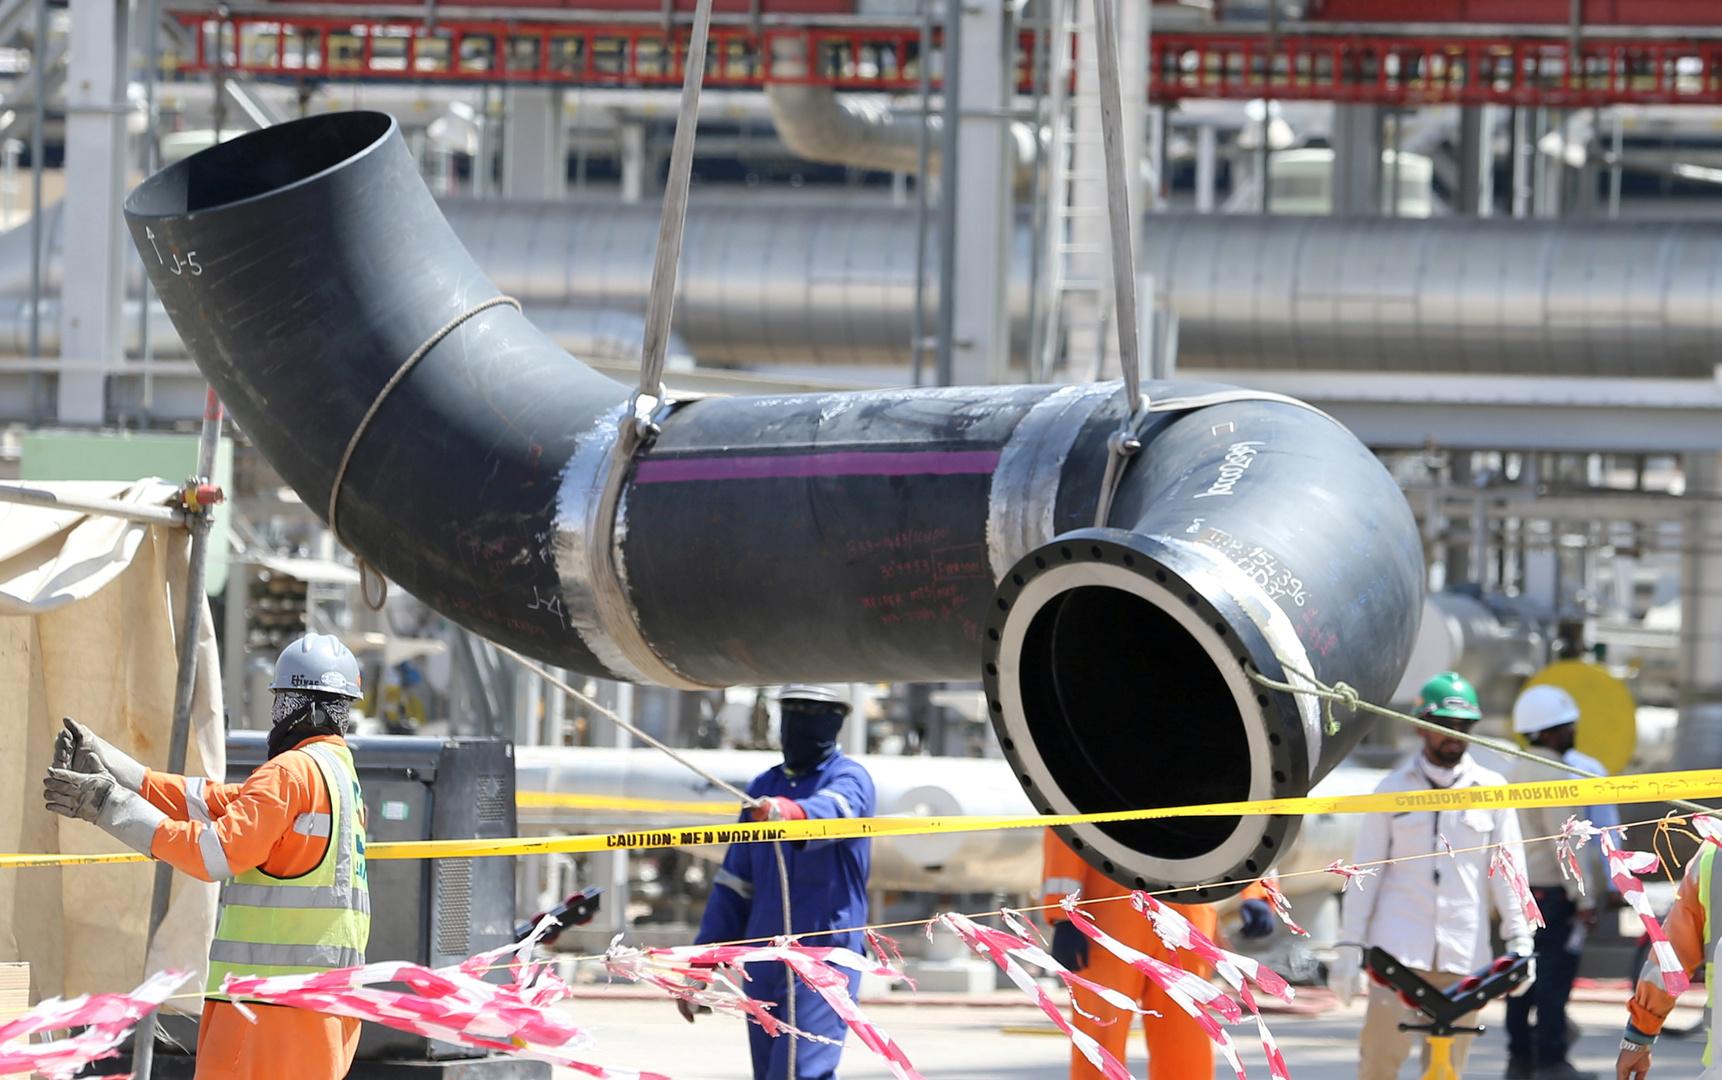 أرامكو توقع صفقة ضخمة لخطوط الأنابيب مع تحالف لمستثمرين